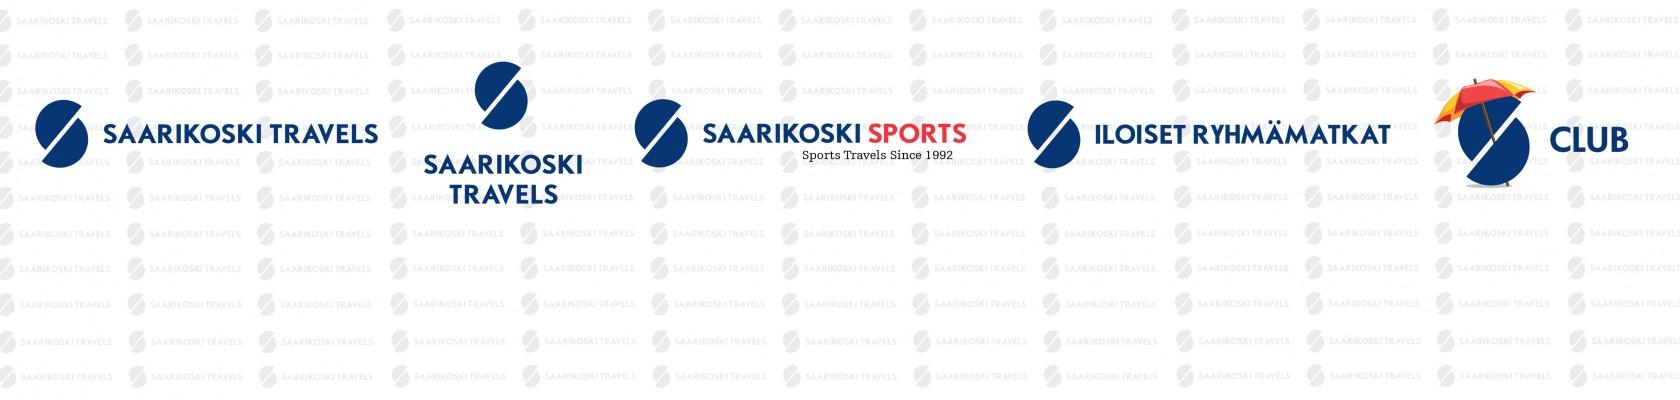 Logopankkikuva